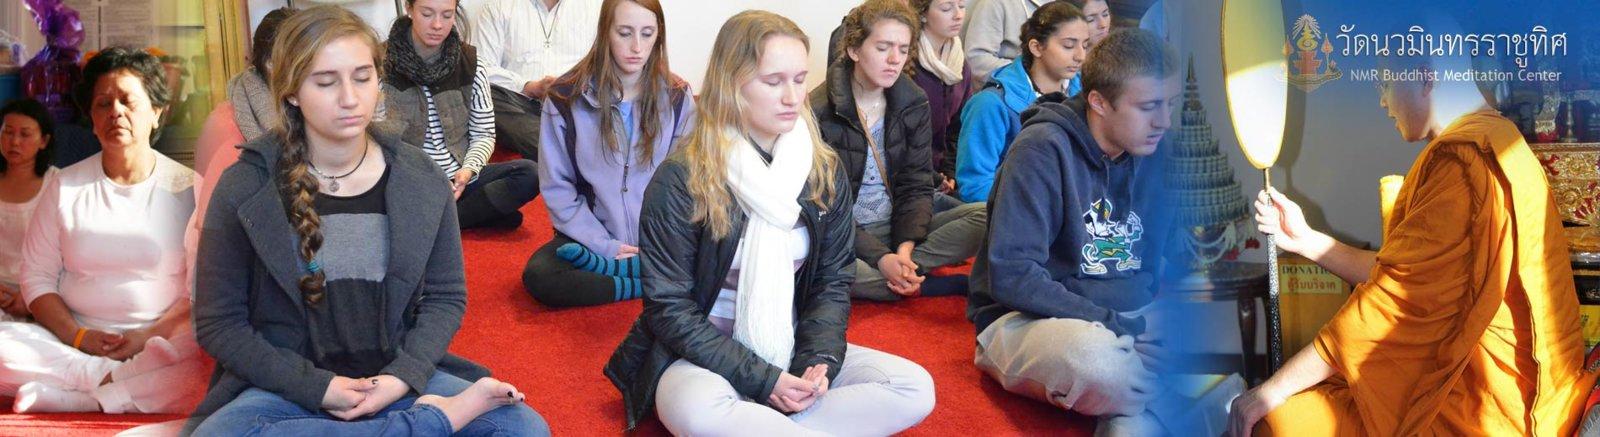 meditation_slider.jpg